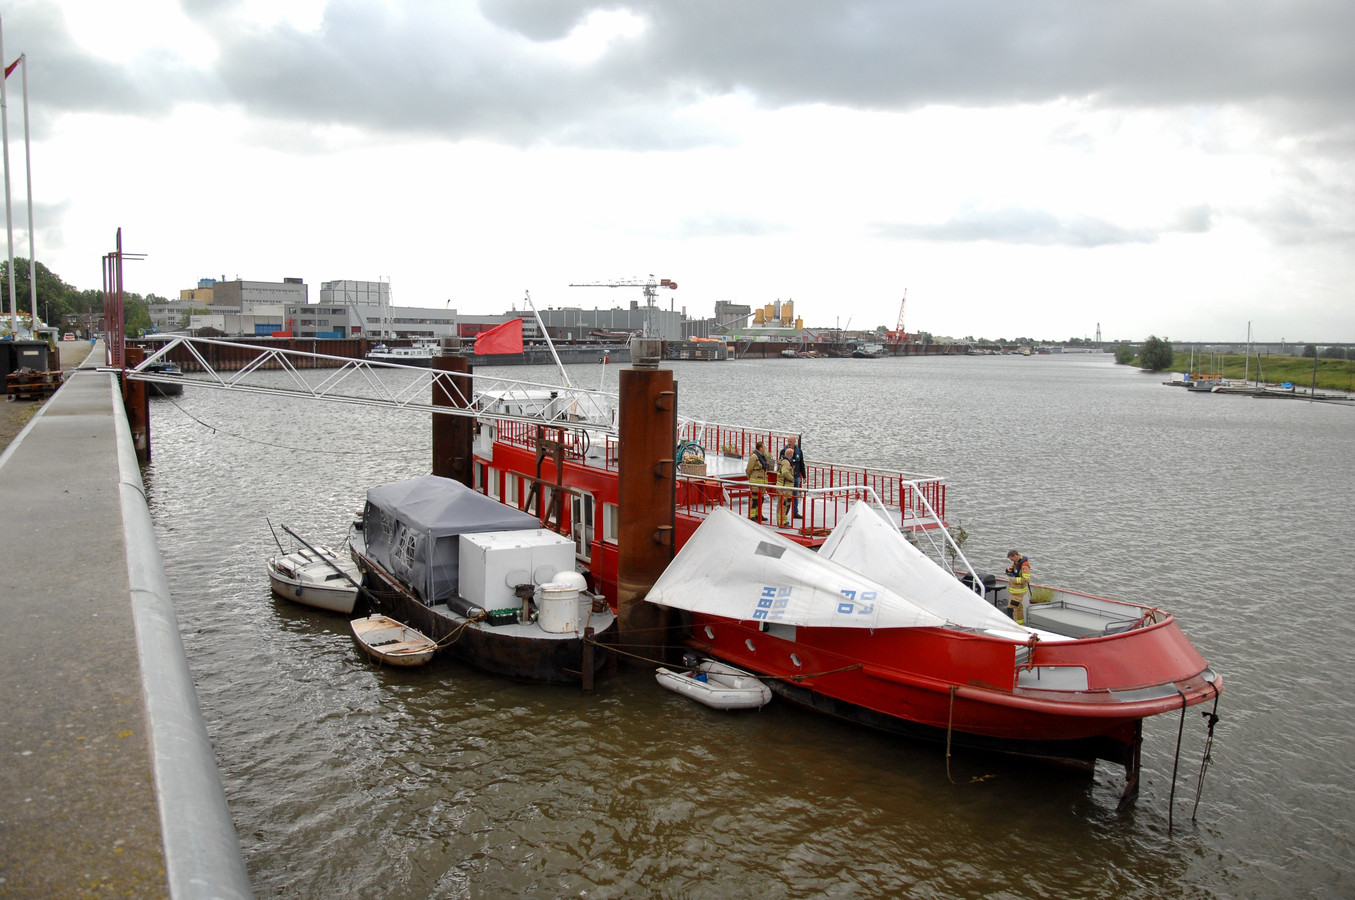 In hun boot Sealiberty runnen Marloes van de Pol en Jeroen Spaander een bed and breakfast.